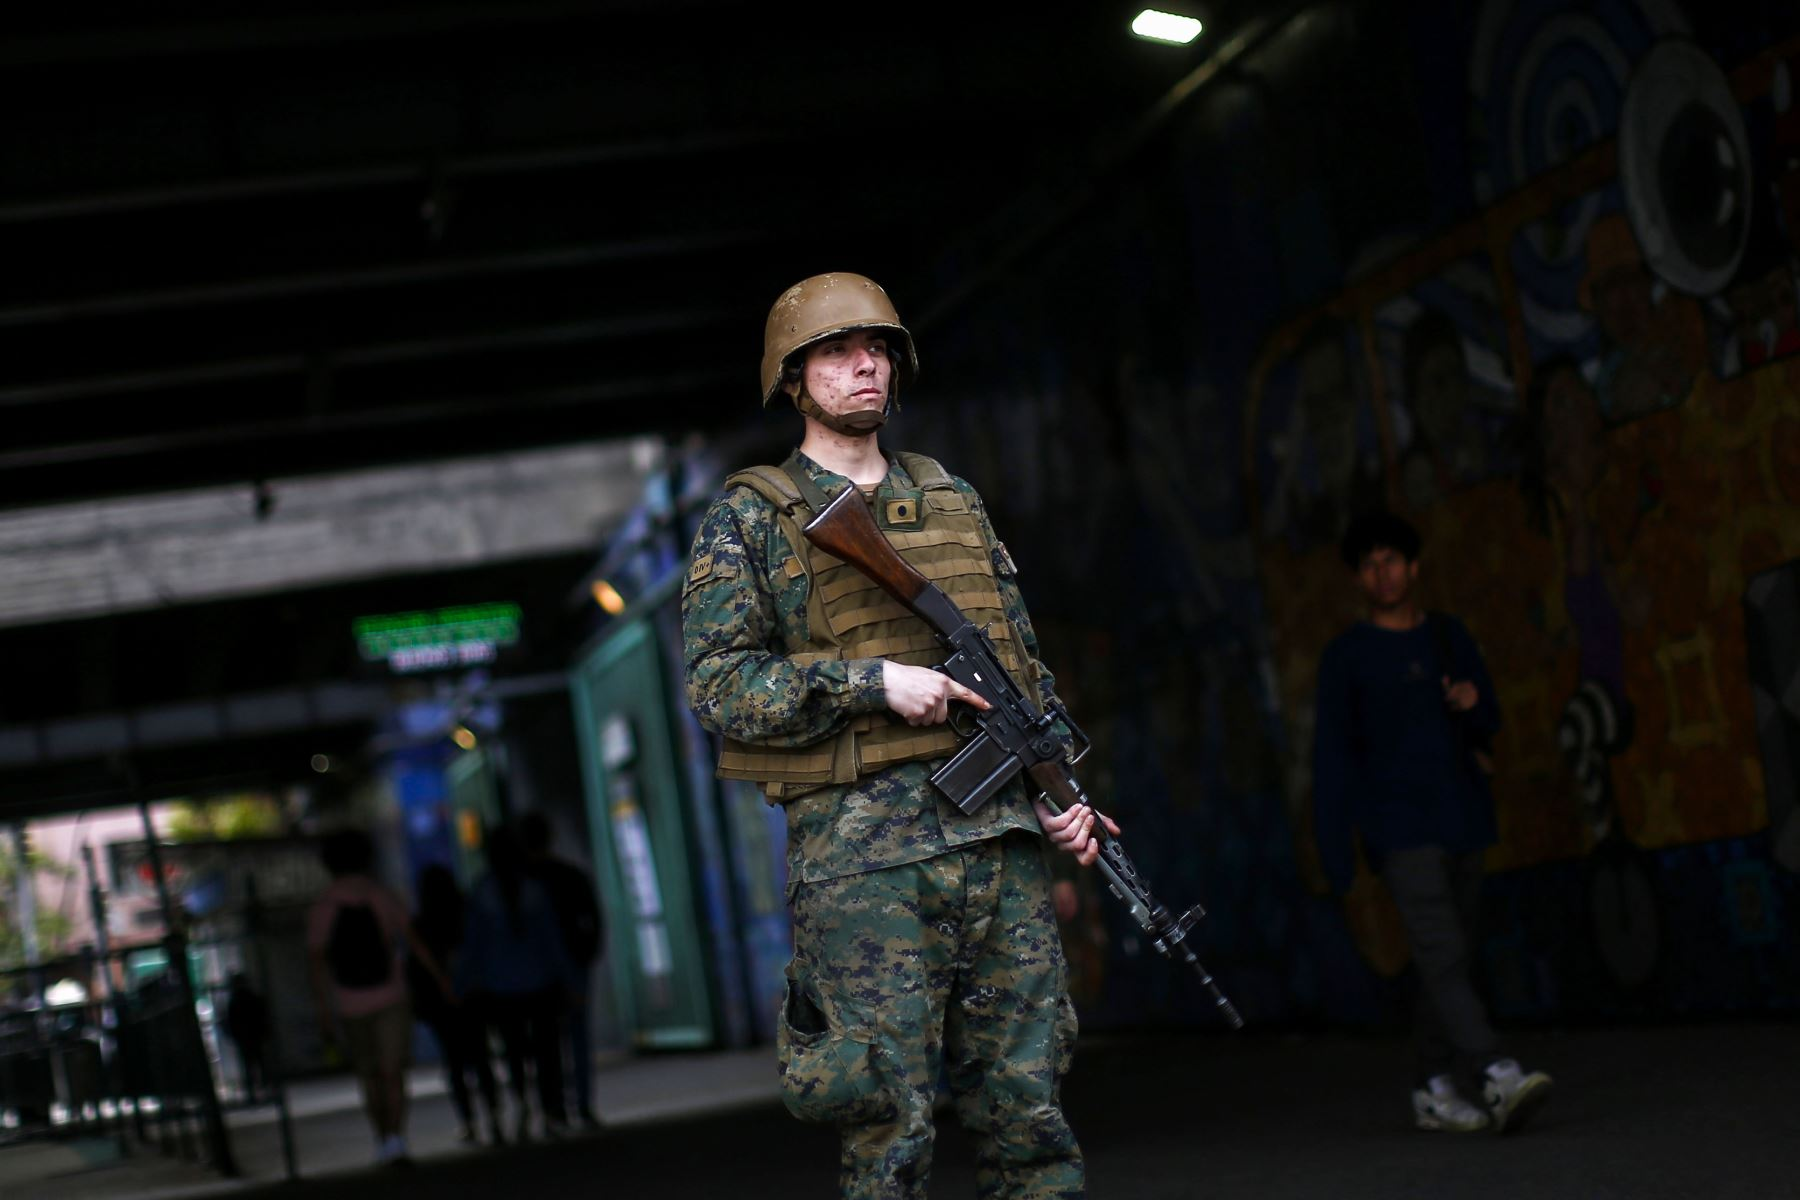 Soldados chilenos patrullan las calles de Santiago en las primeras horas del sábado después de una protesta masiva por alza de tarifas del Metro. Foto: AFP